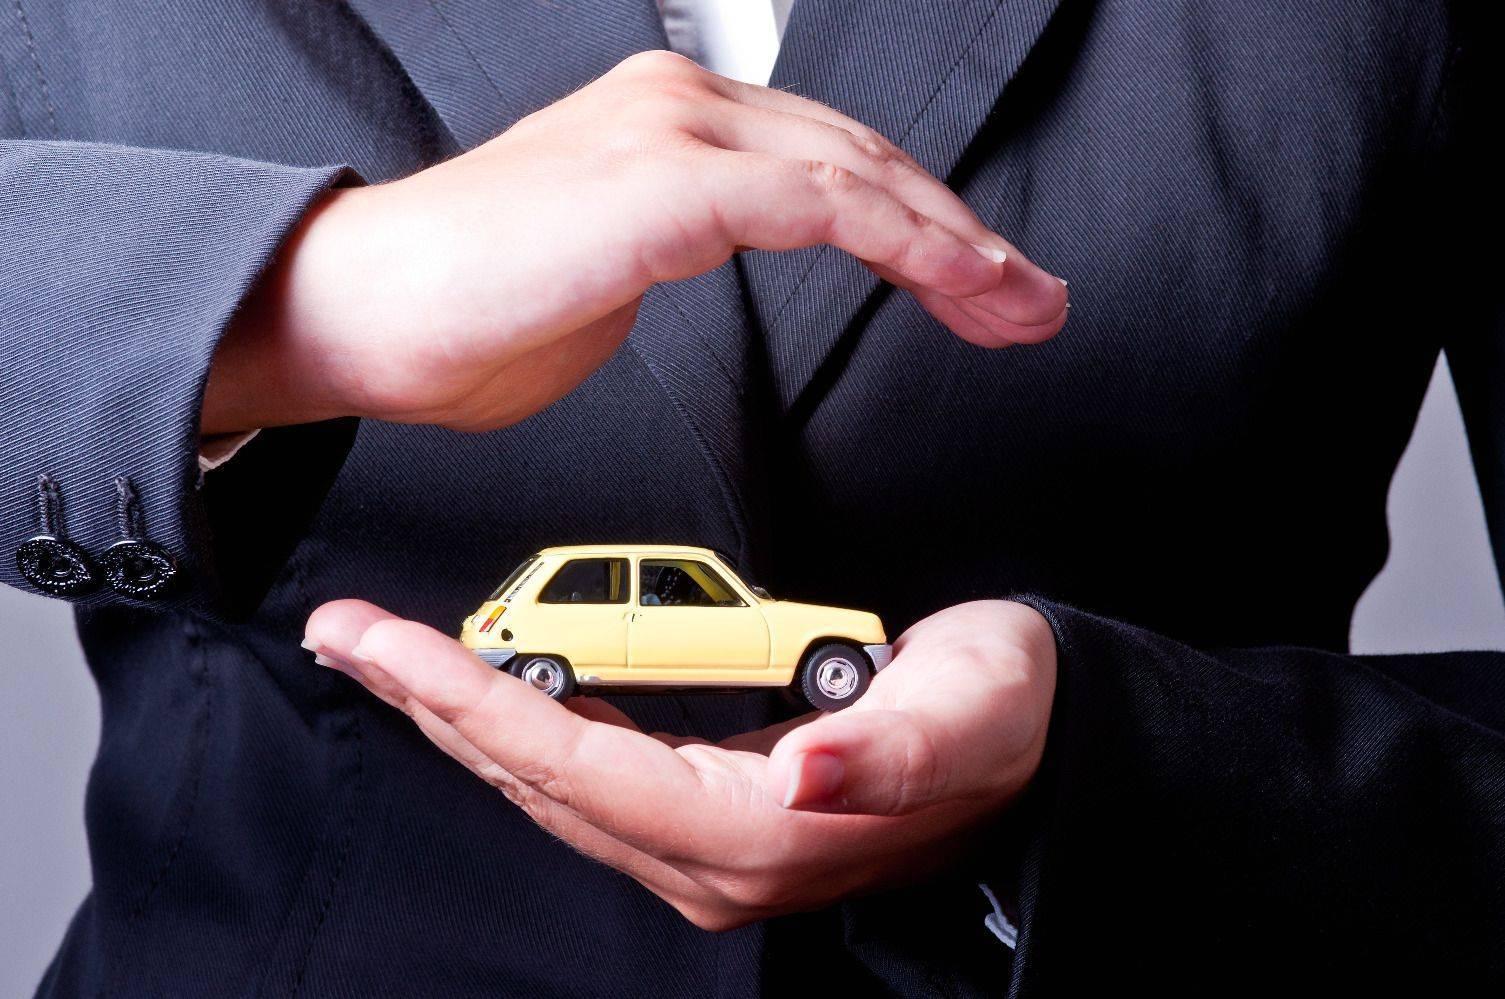 Продажа автомобиля по системе «трейд ин»